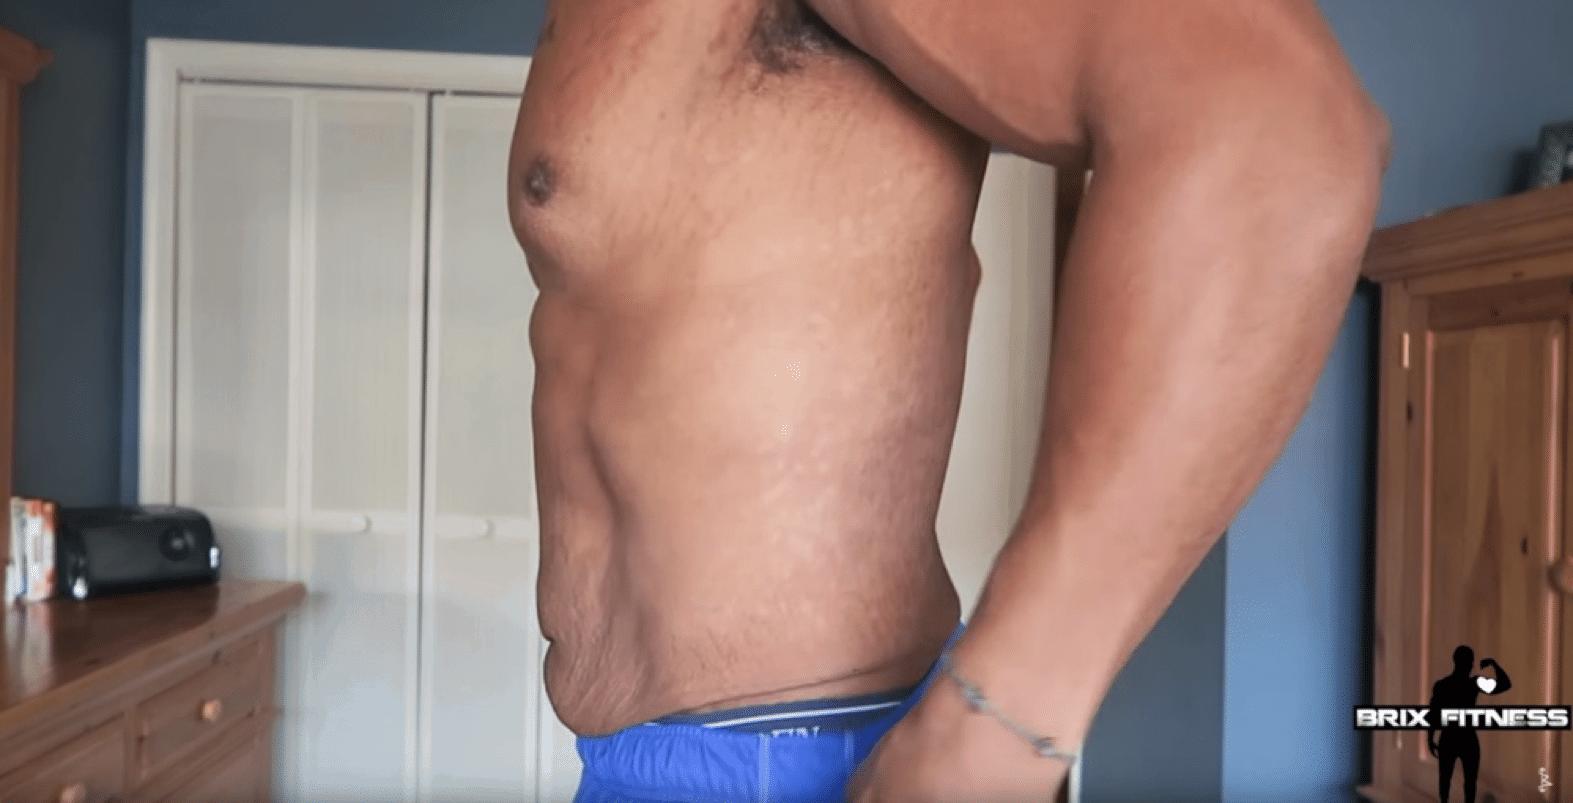 løs hud